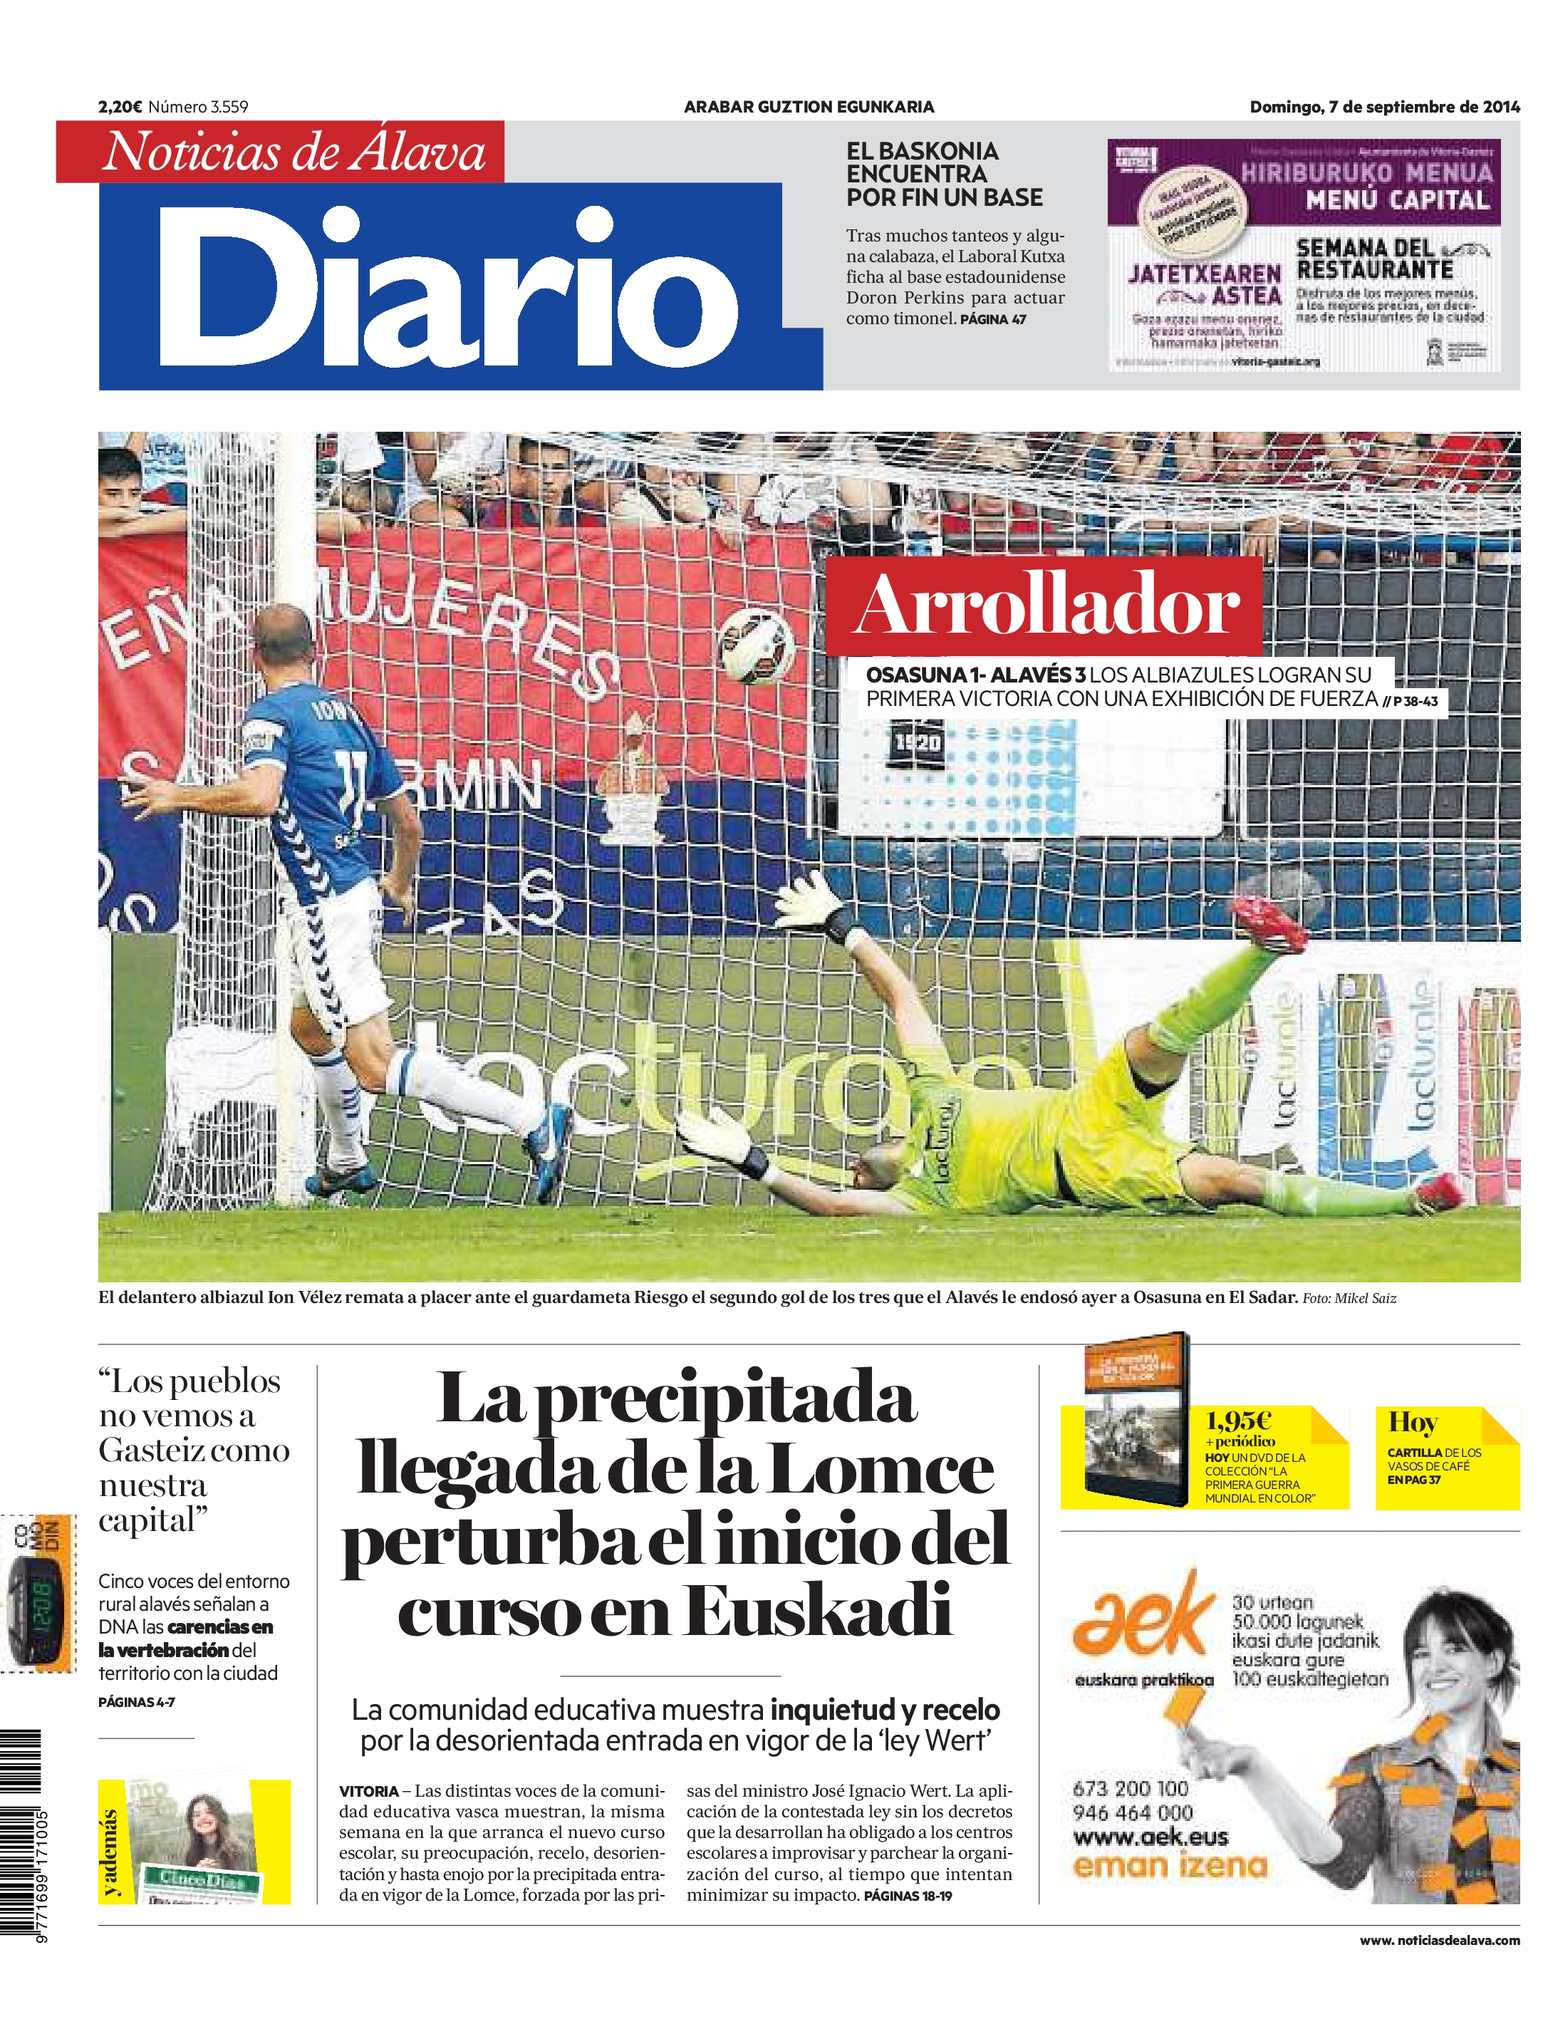 Calaméo - Diario de Noticias de Álava 20140907 c6035d4623f